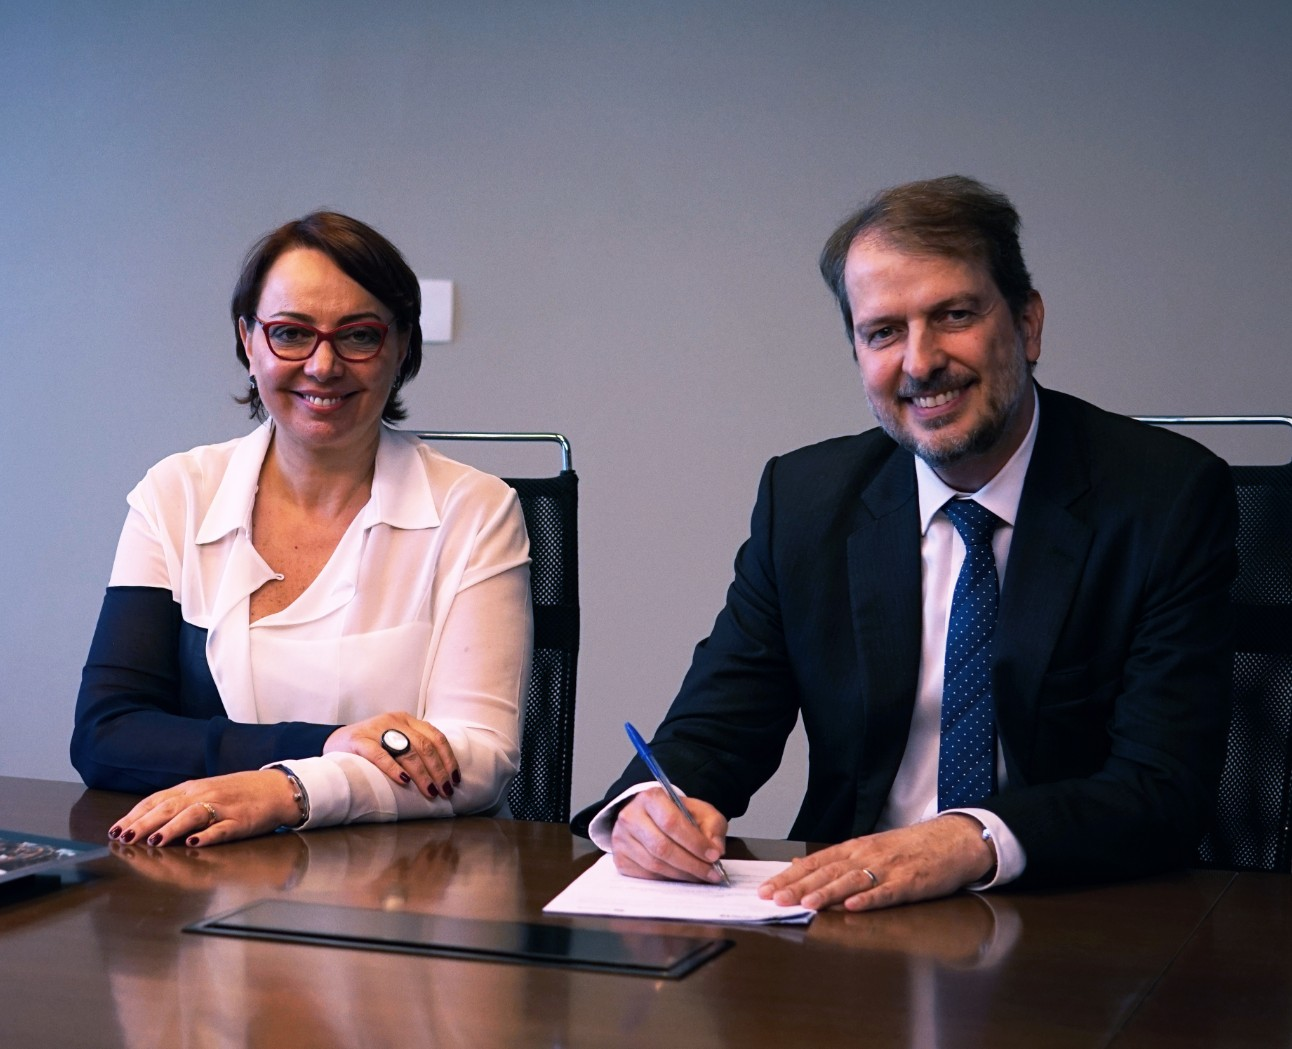 SESI e SENAI assinam acordo de cooperação com Microsoft para capacitação de jovens em Inteligência Artificial